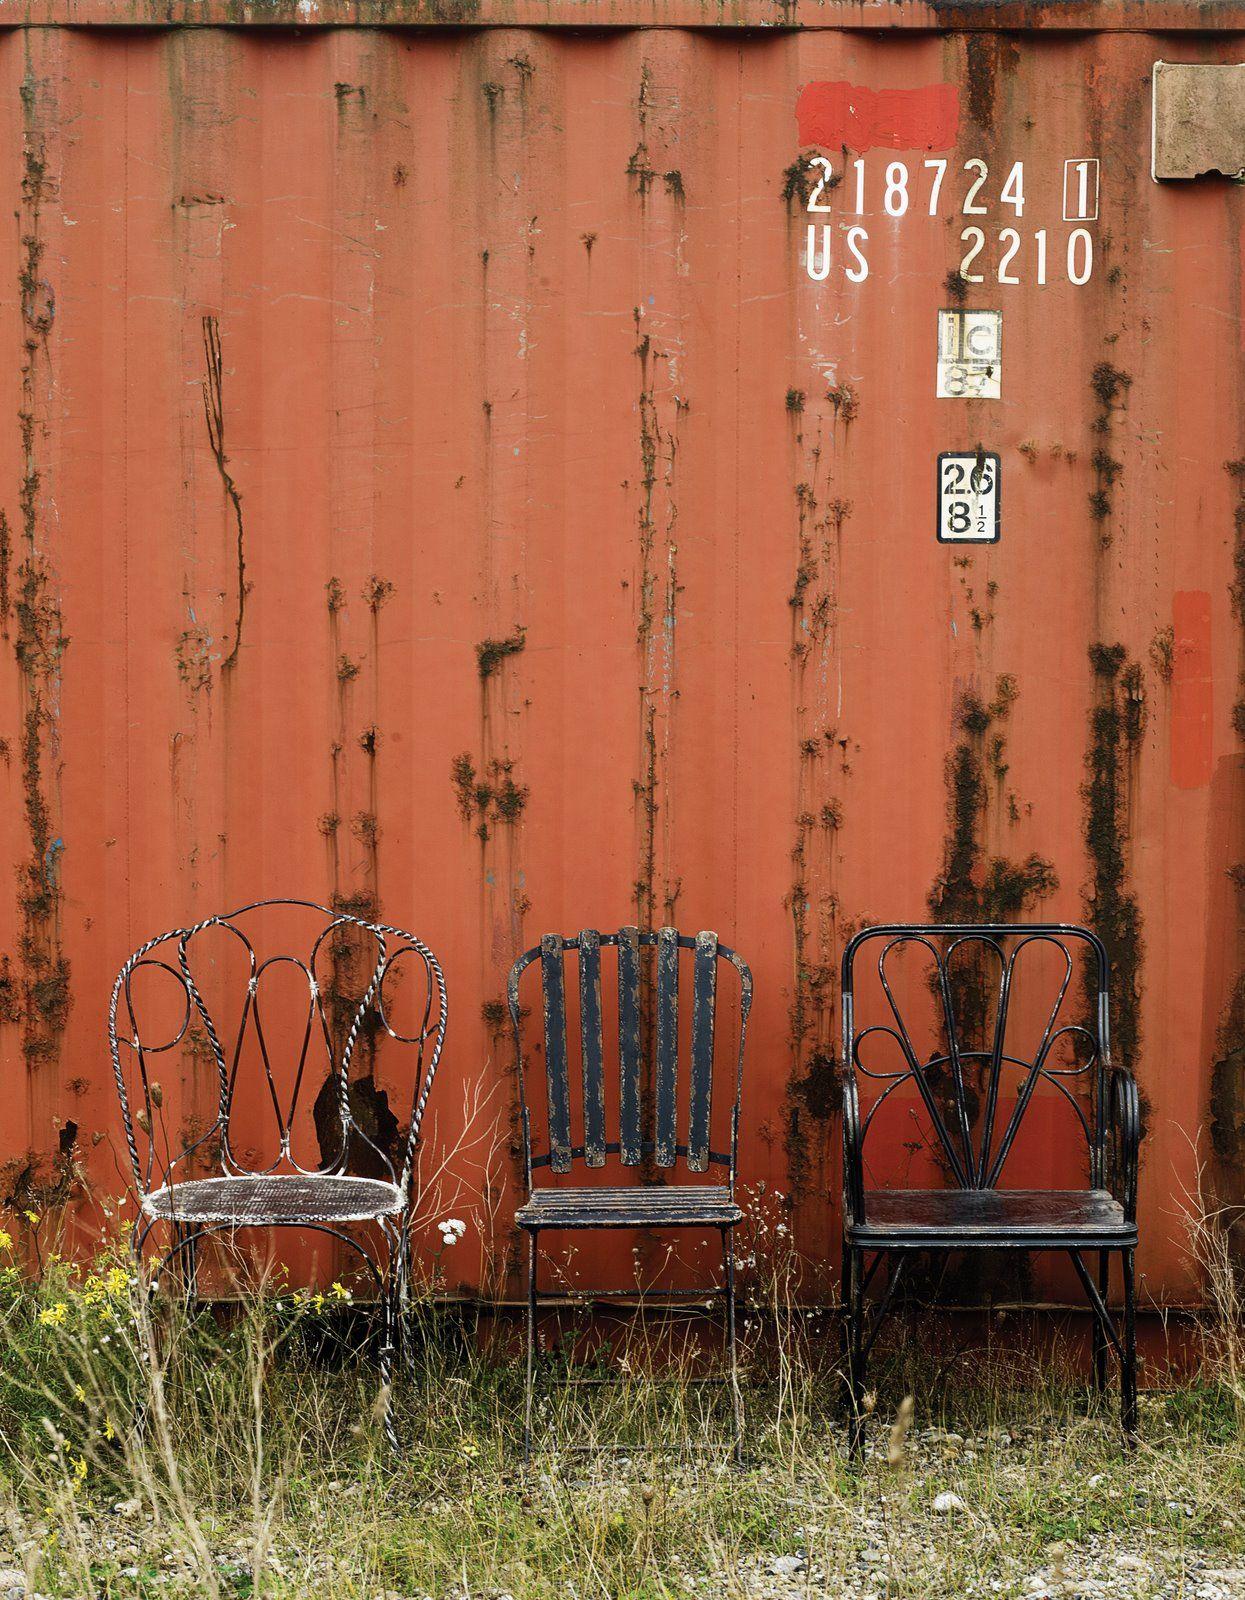 seventeendoors Railings outdoor, Outdoor garden